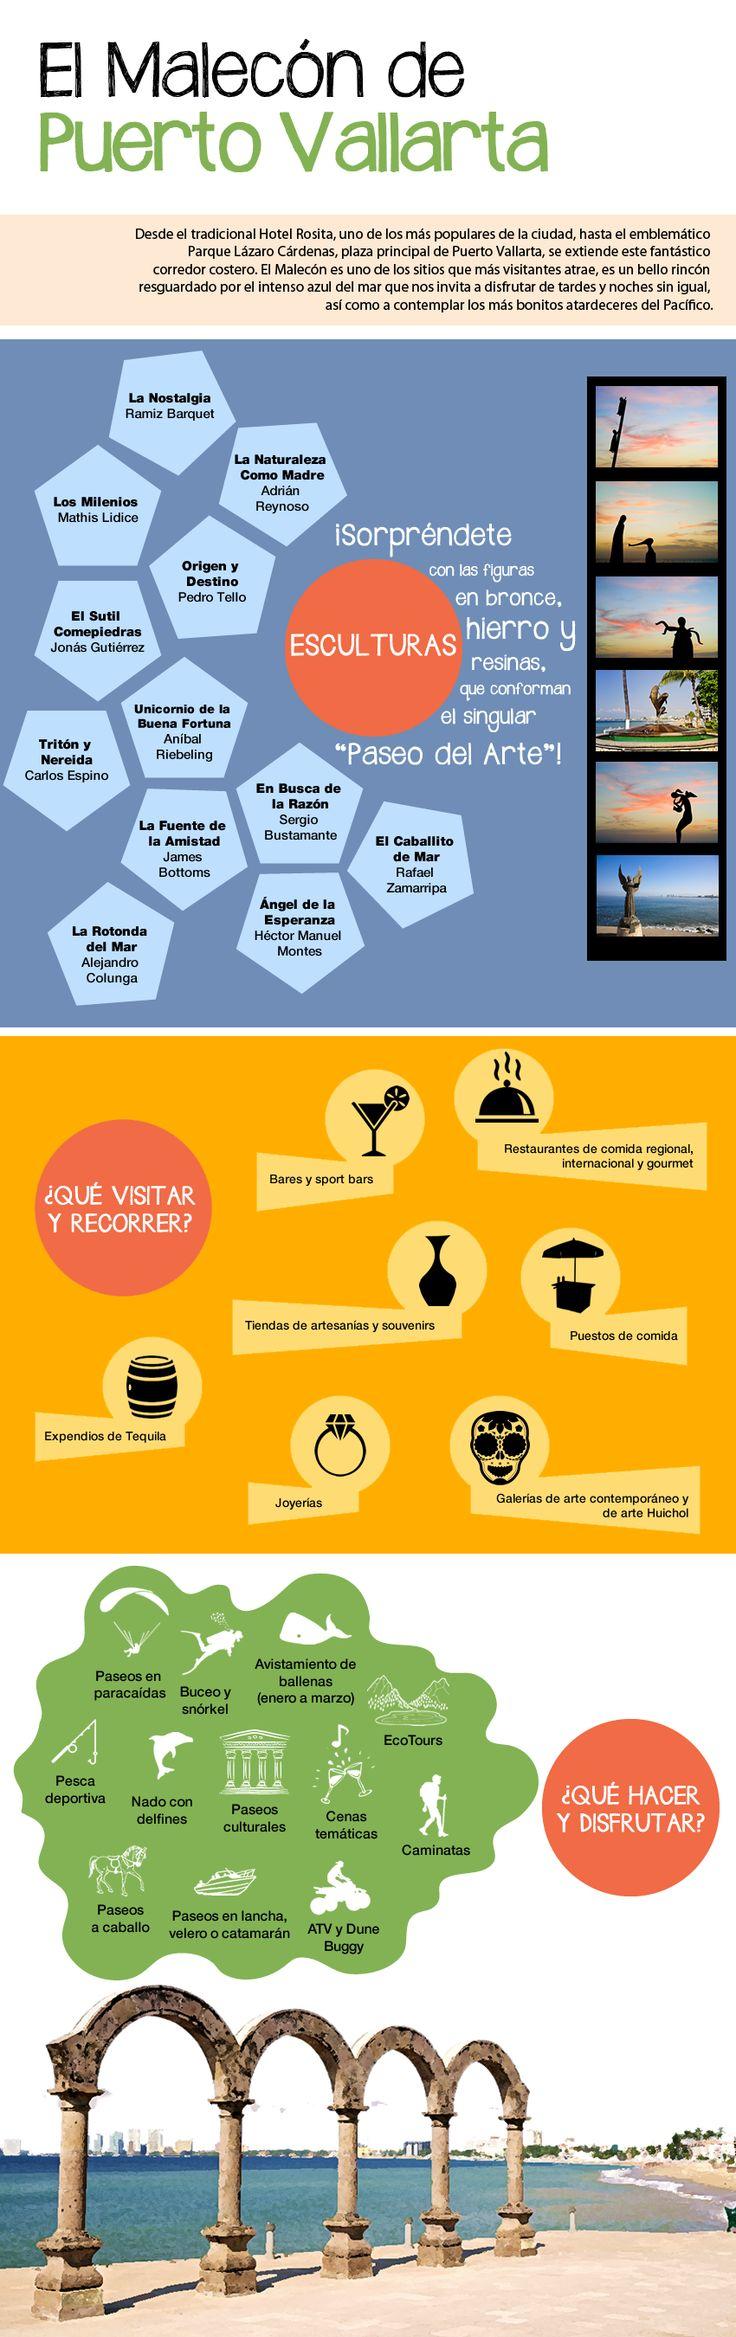 El Malecón es un símbolo, un emblema de Puerto Vallarta, ¡un imperdible que no puedes dejar de conocer! http://www.bestday.com.mx/Puerto_Vallarta/Atracciones/